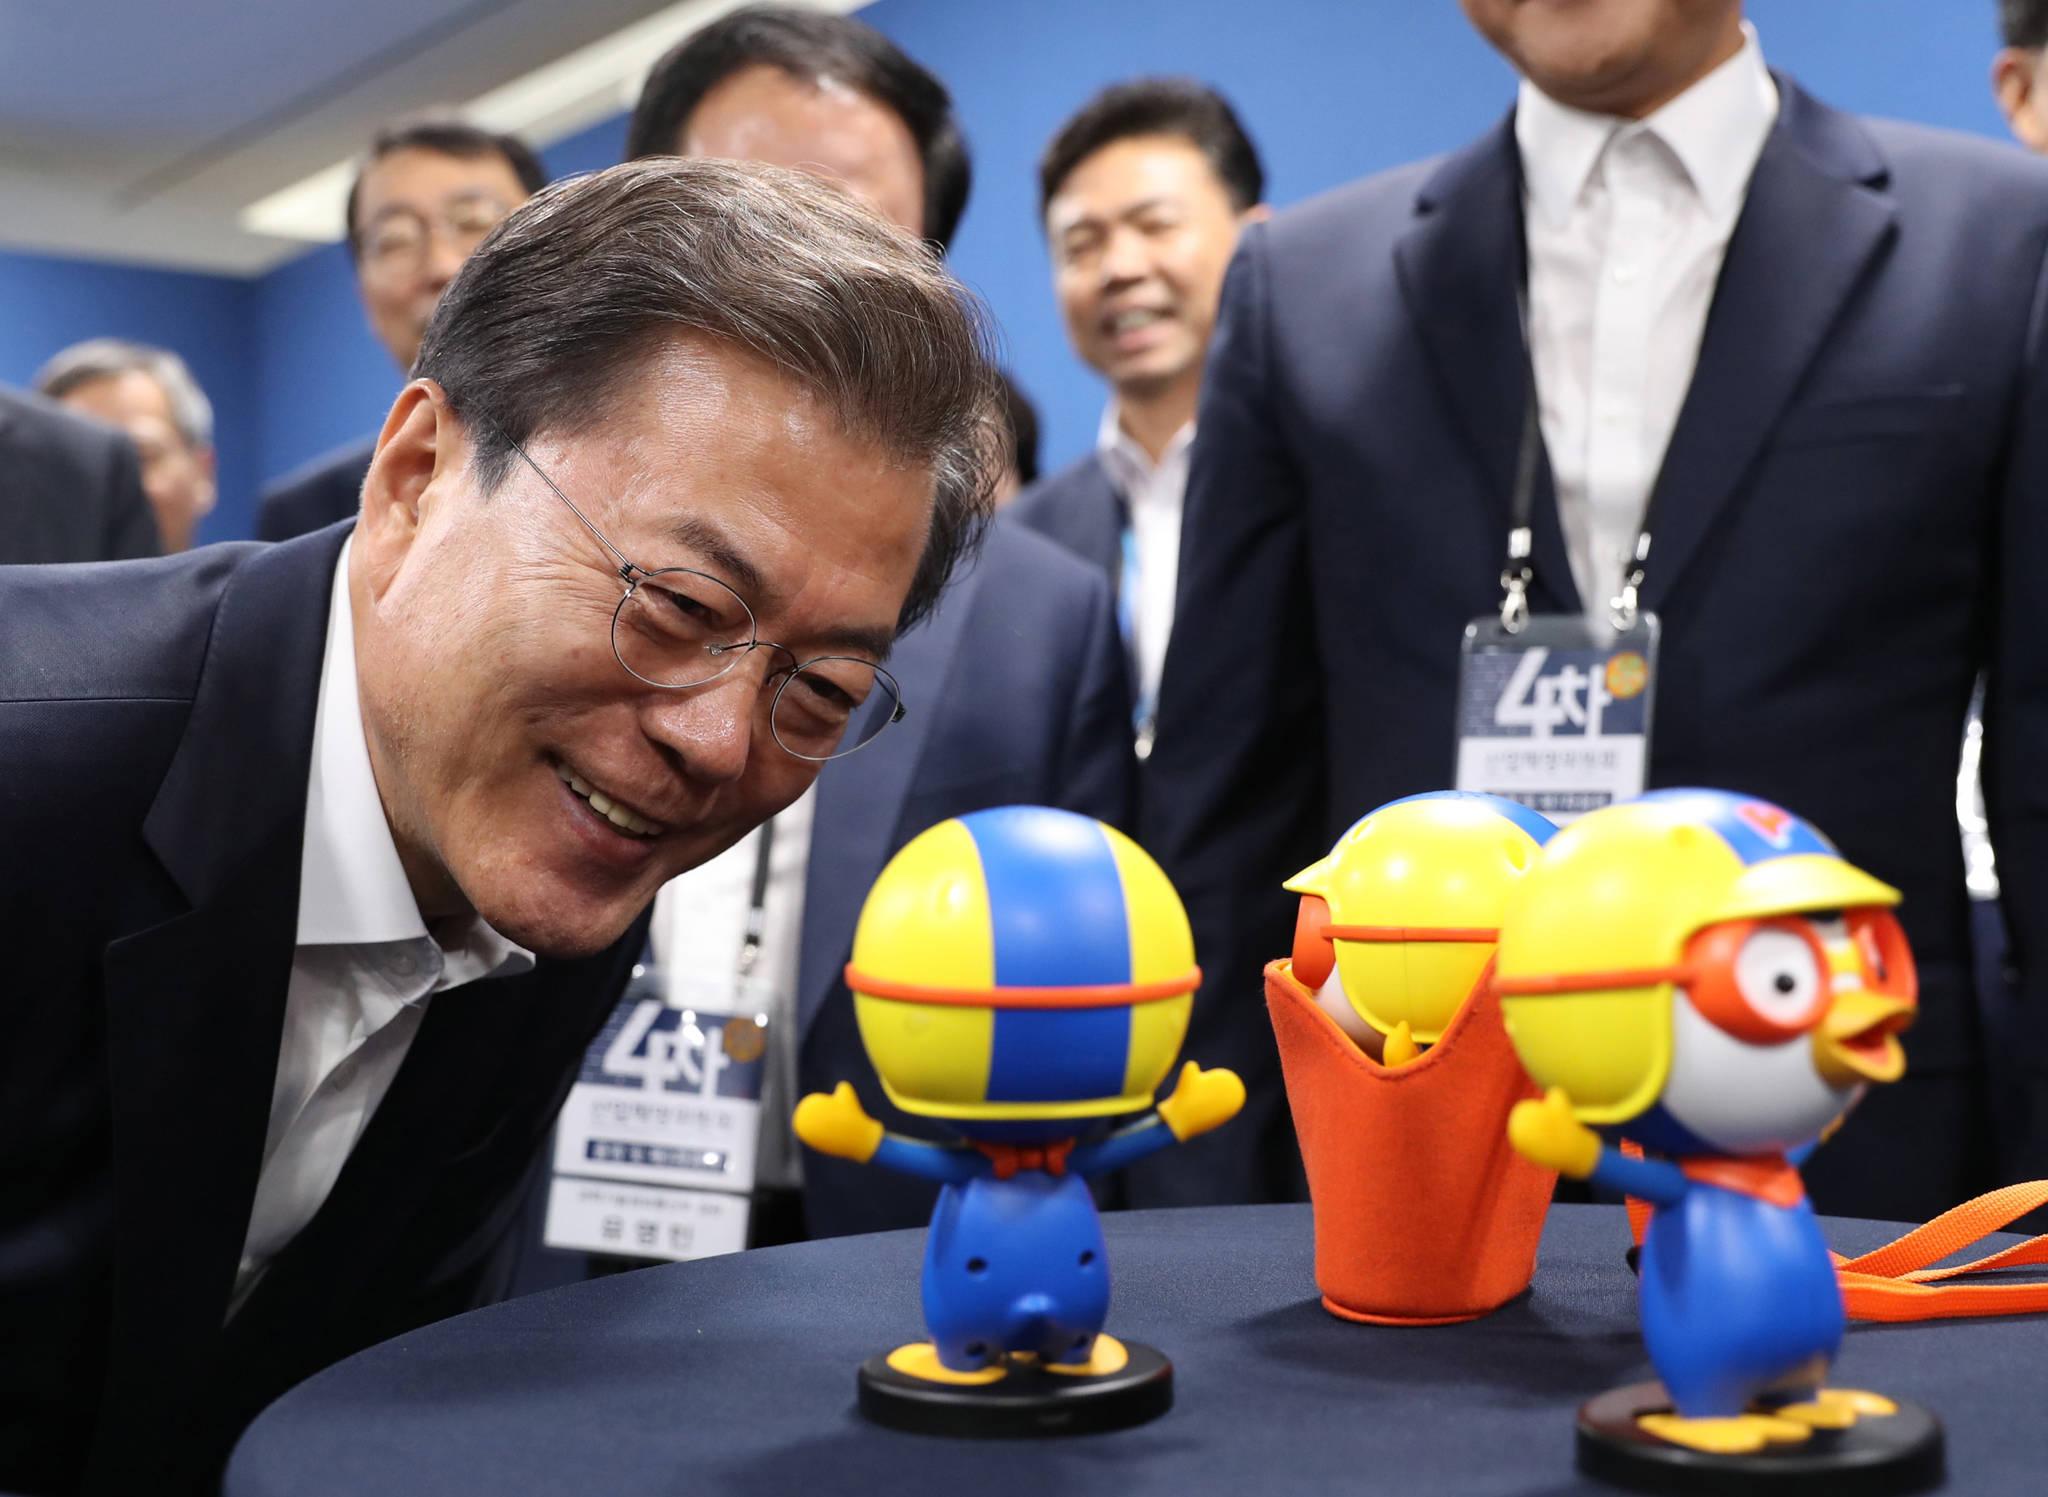 문재인 대통령이 지난해 10월 11일 서울 마포구 에스플렉스센터에서 열린 4차산업혁명위원회 출범 및 제1차회의에 참석했다. 문 대통령이 음성인식이 가능한 인공지능 캐릭터로봇 뽀로롯과 대화하고 있다. 김상선 기자